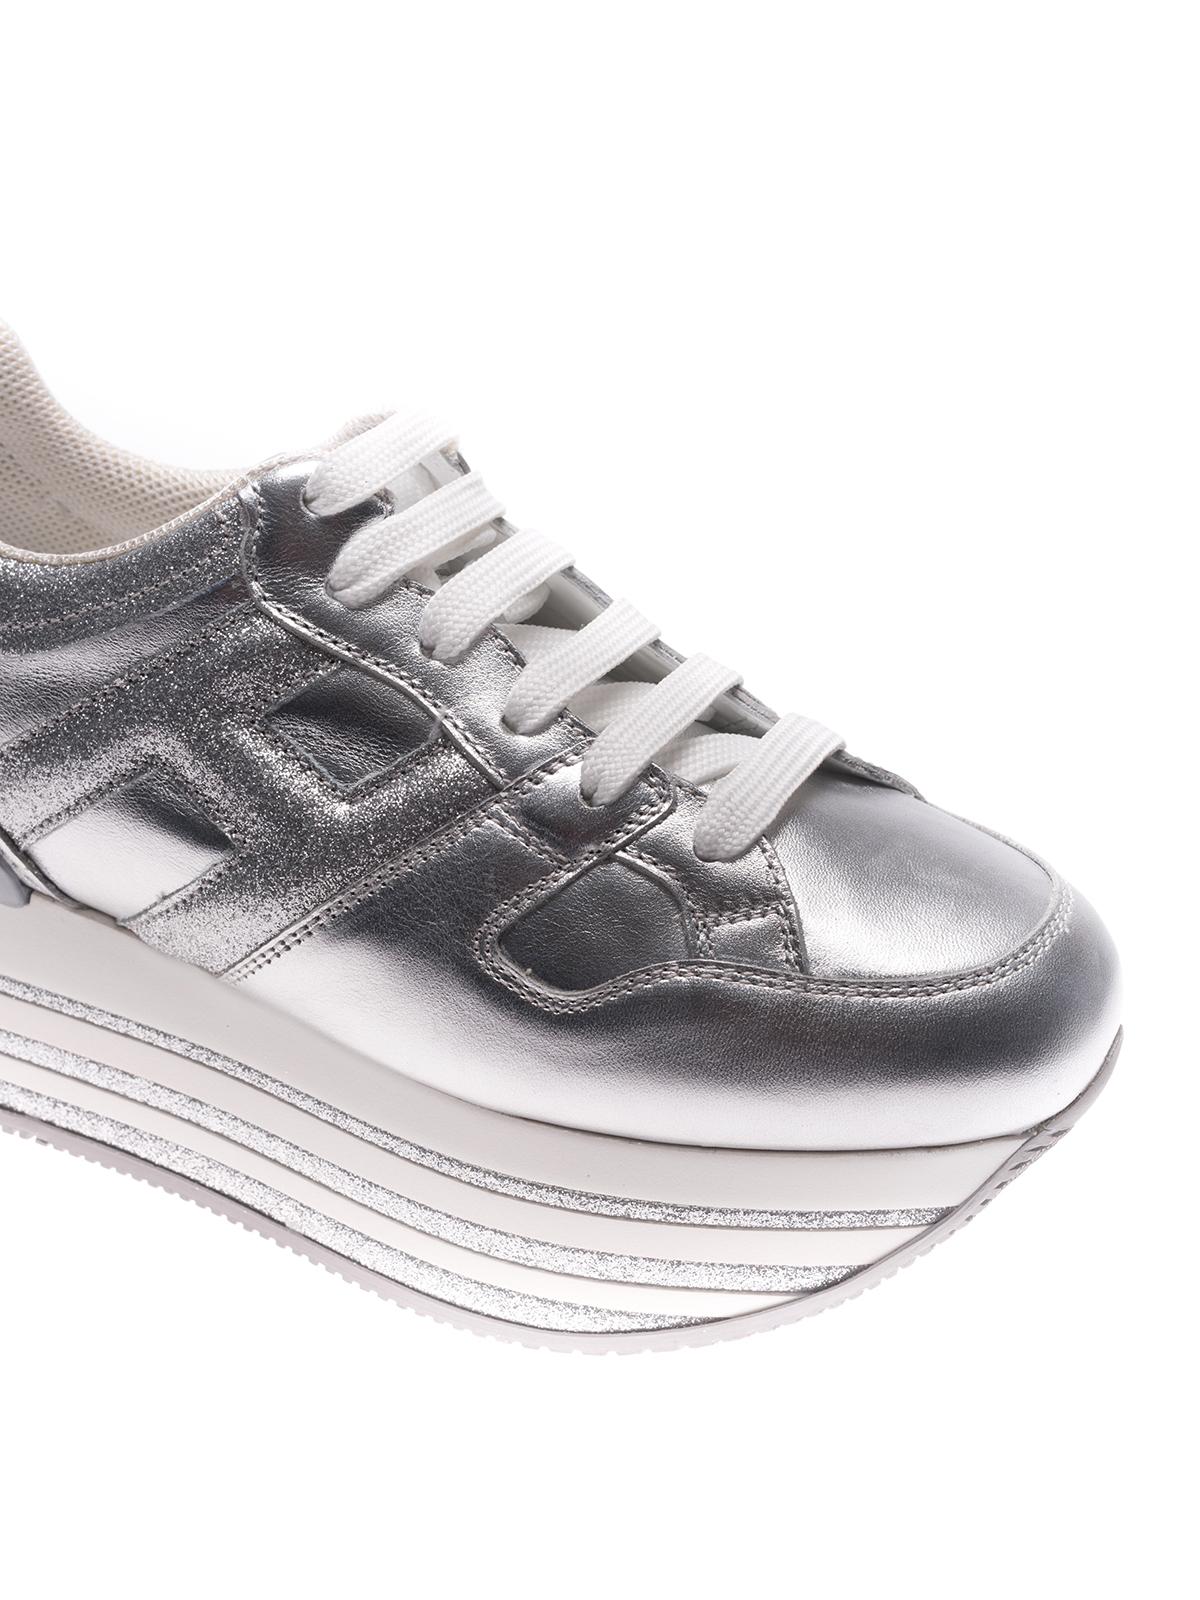 Hogan H368 Maxi Glitter Sneakers Hot vMEr9sgo5V